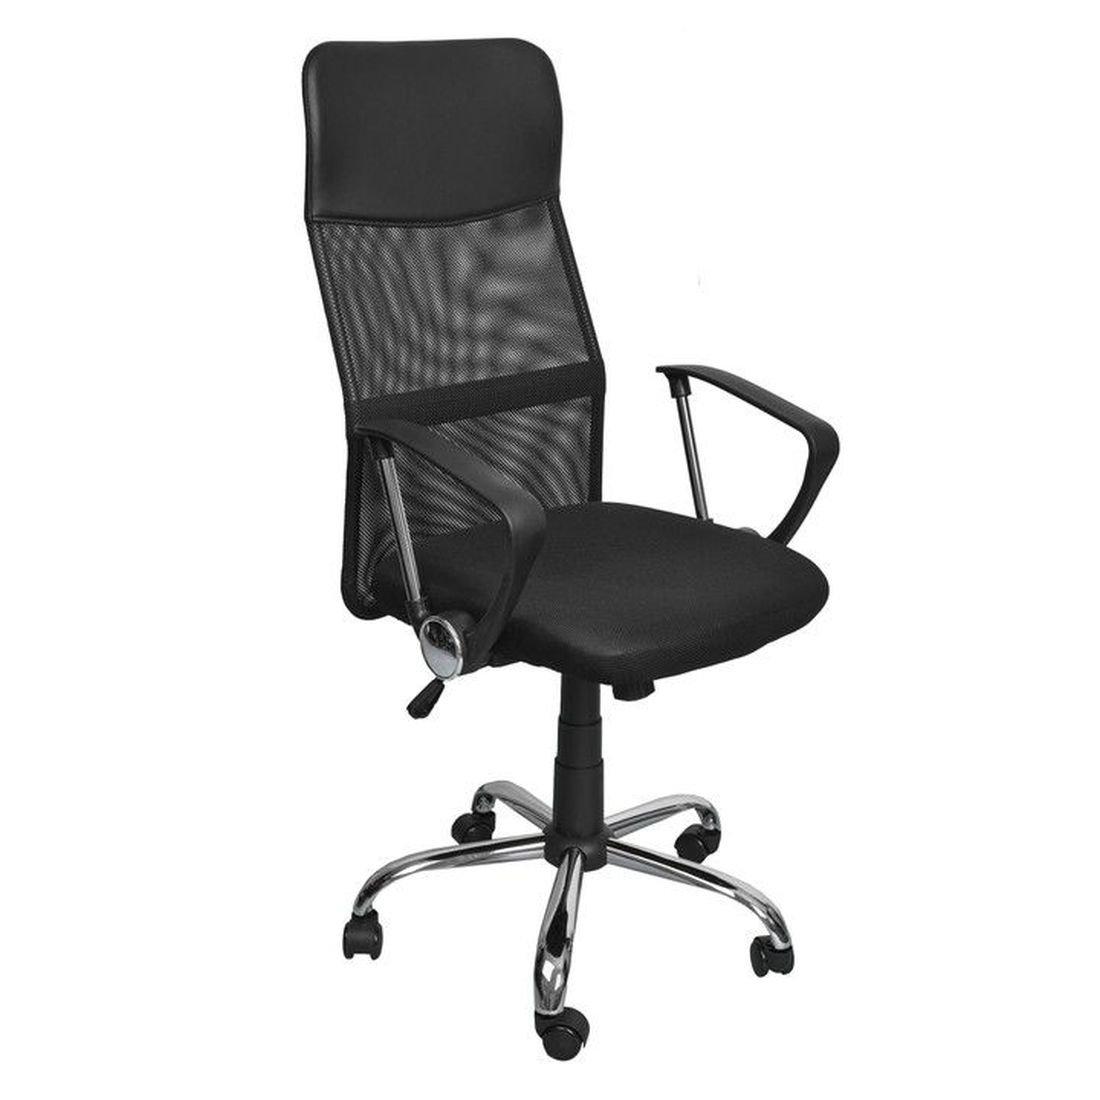 Fotel biurowy obrotowy GOODHOME 8774, czarny Goodhome